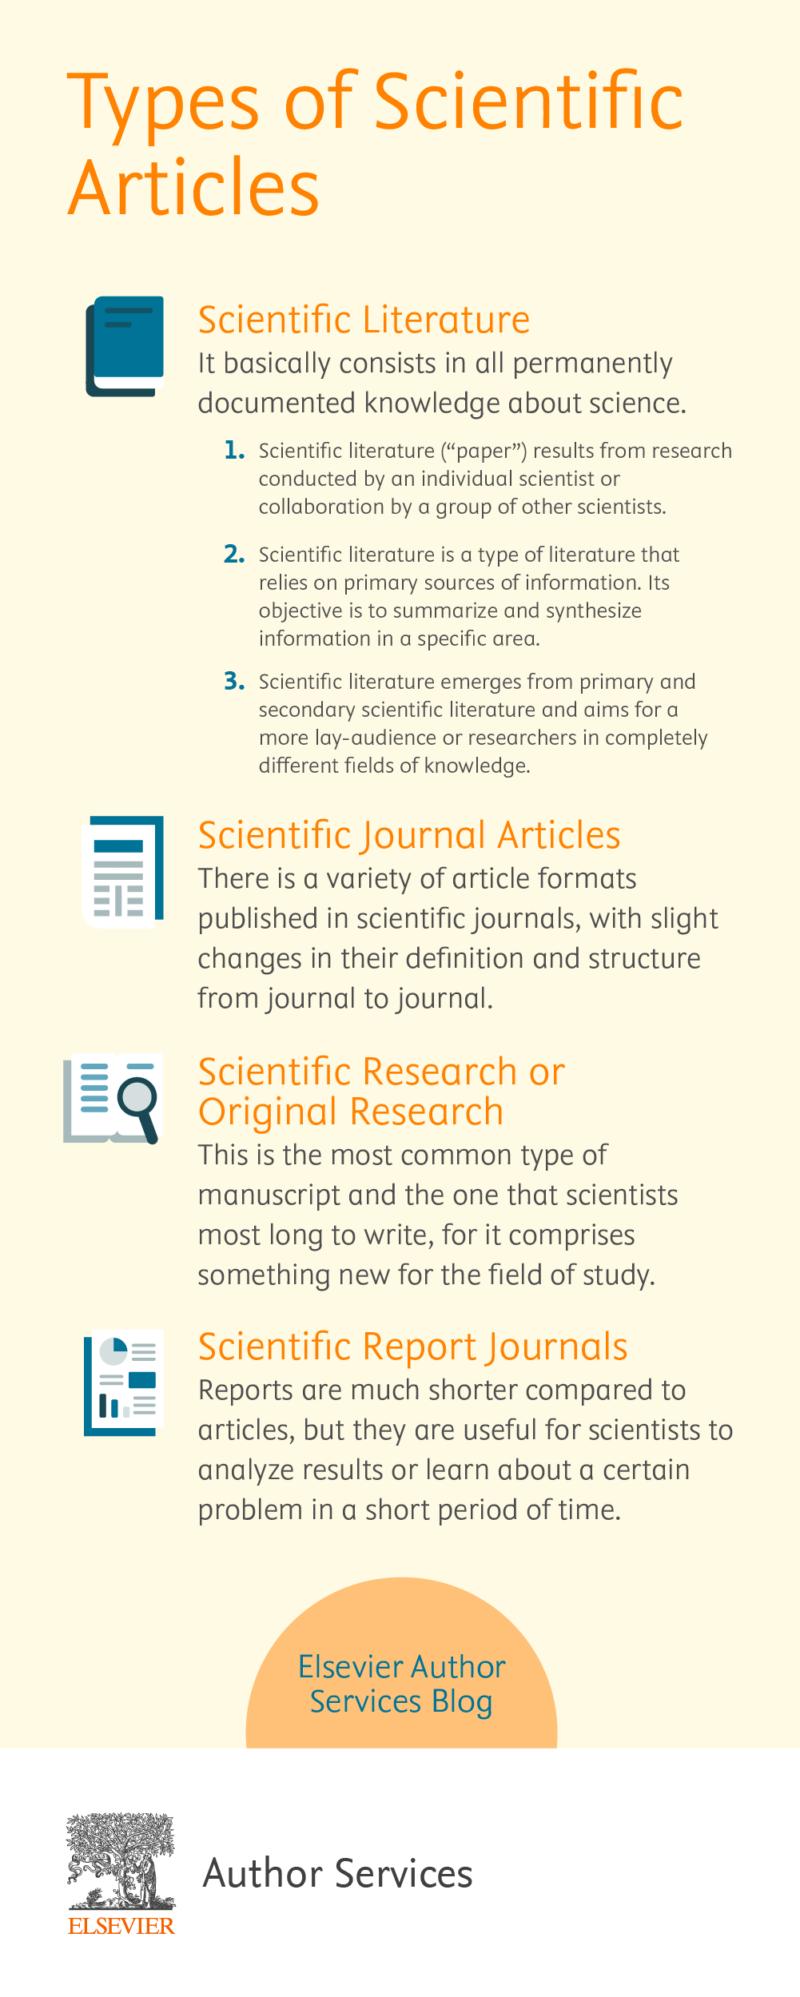 Types of Scientific Articles